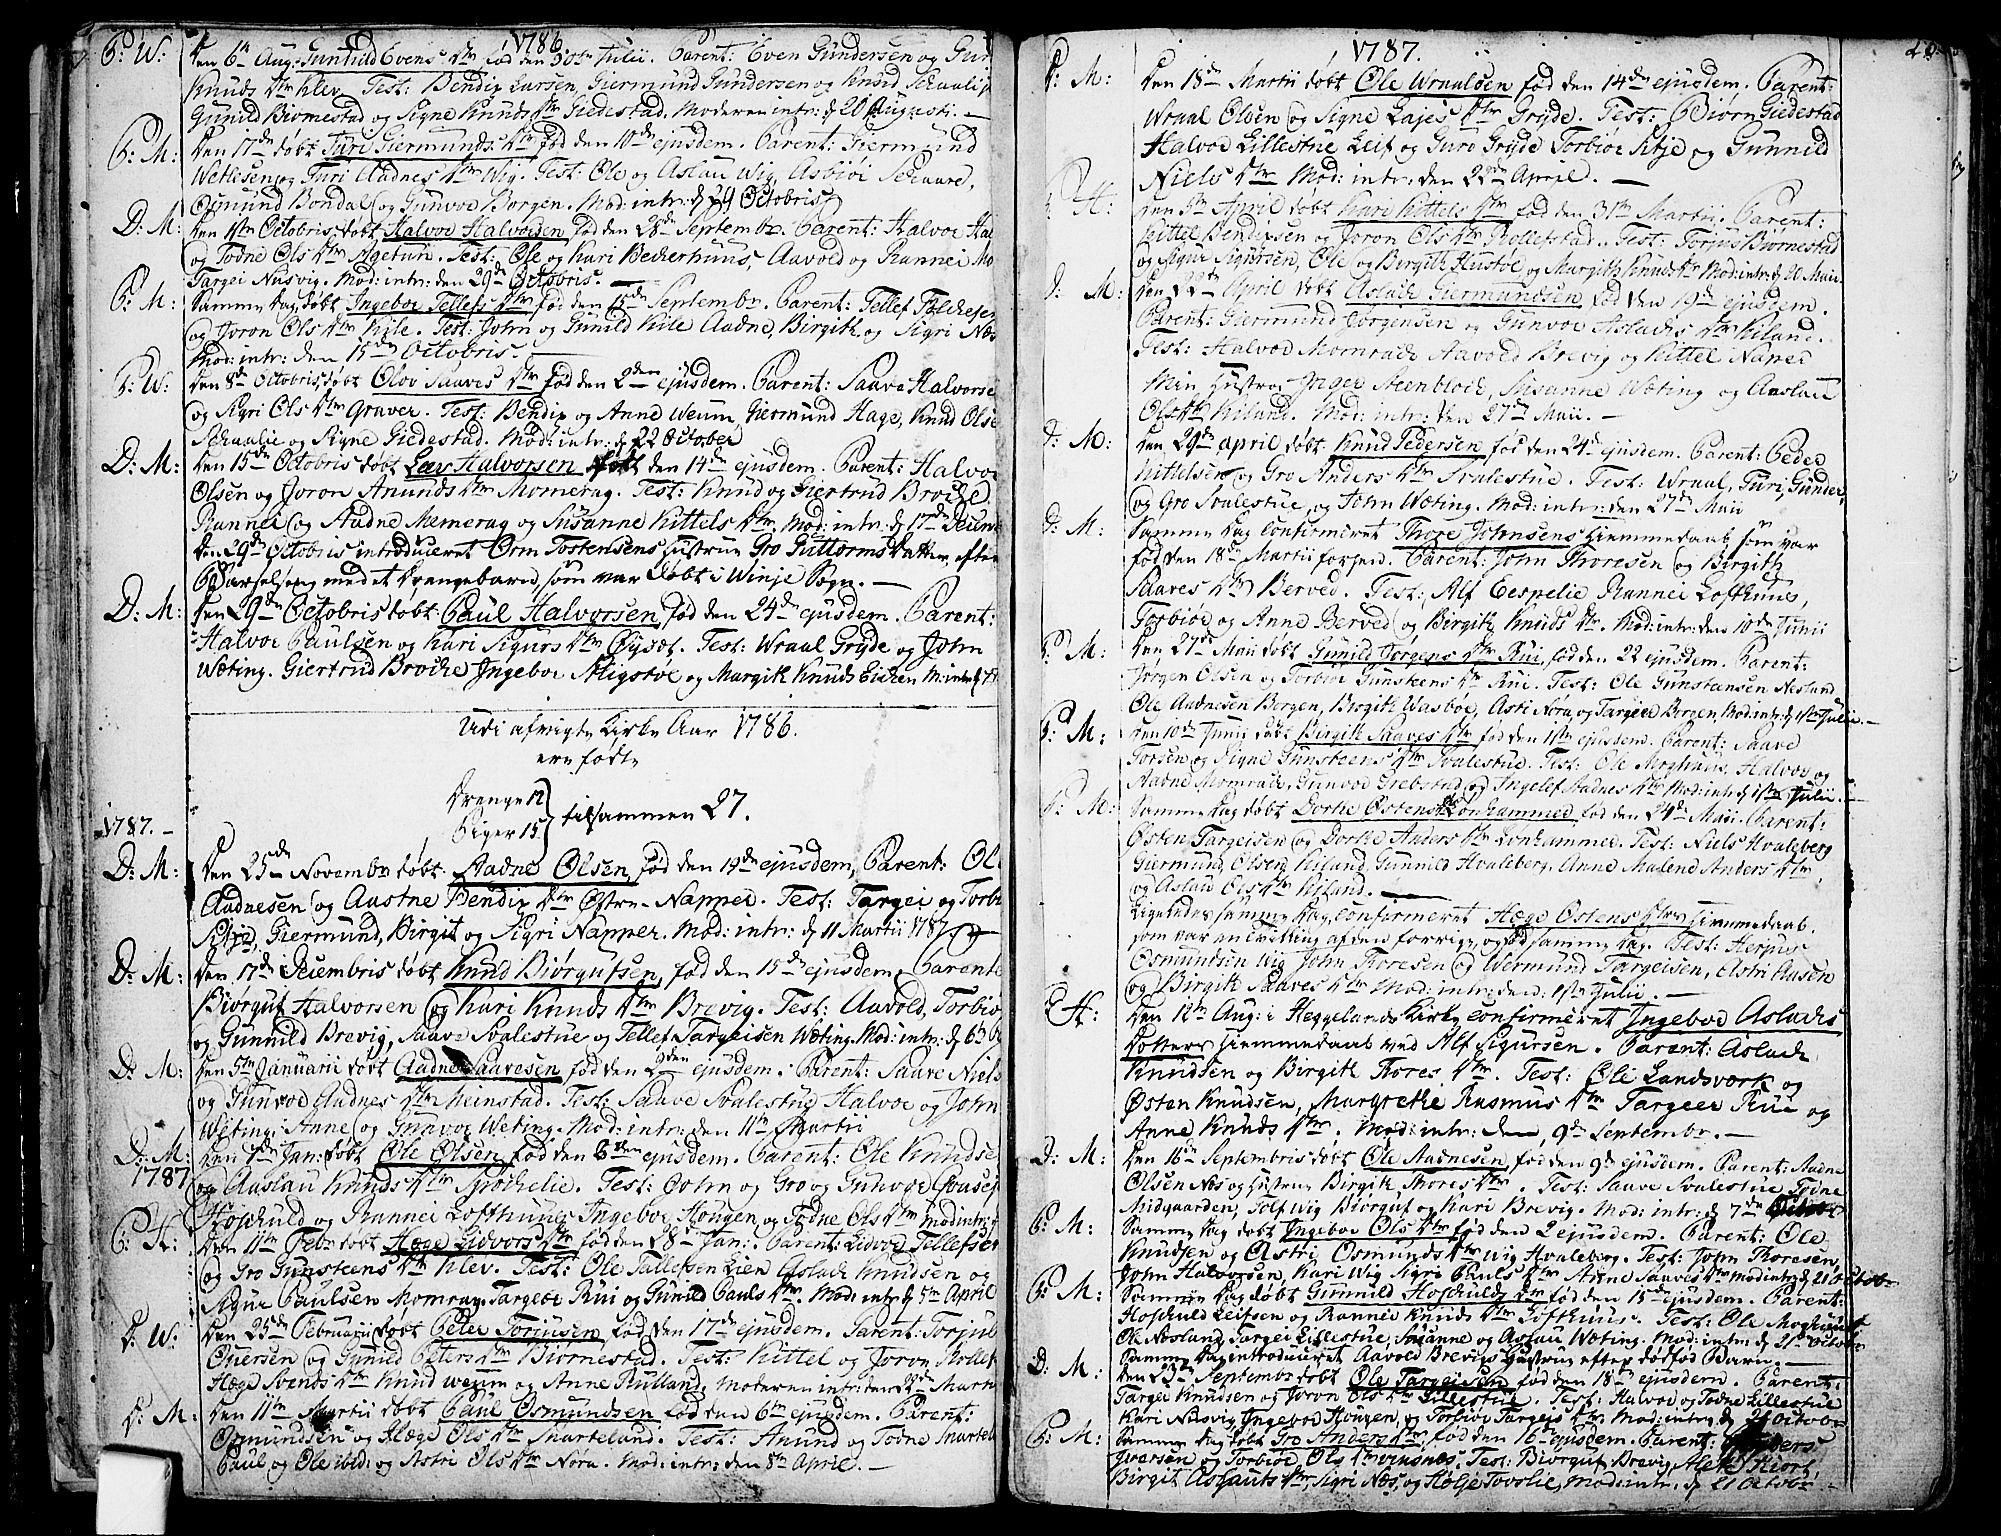 SAKO, Fyresdal kirkebøker, F/Fa/L0002: Ministerialbok nr. I 2, 1769-1814, s. 23